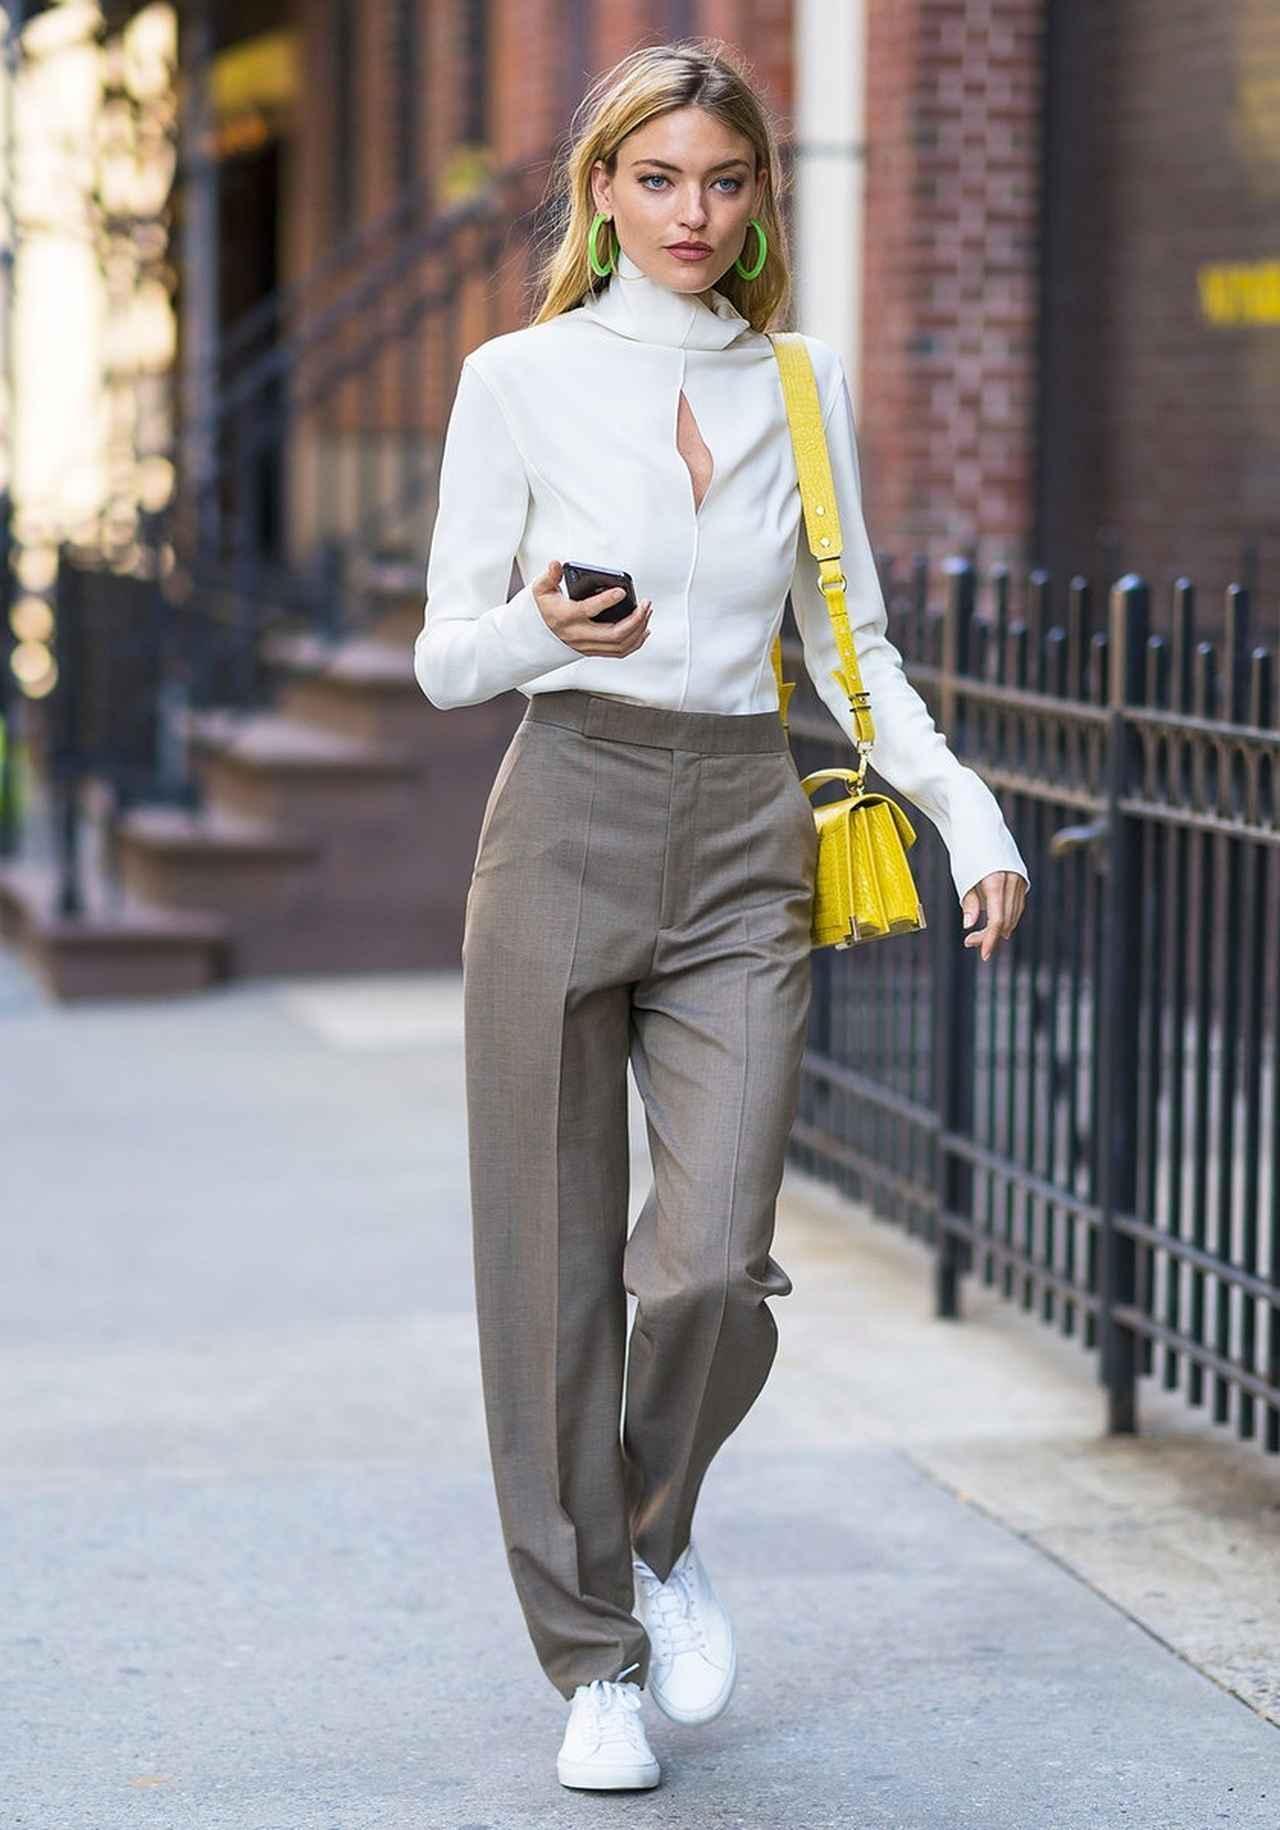 画像1: マーサ・ハント、「ネオンカラー」を取り入れたパンツスタイルで夏を先取り